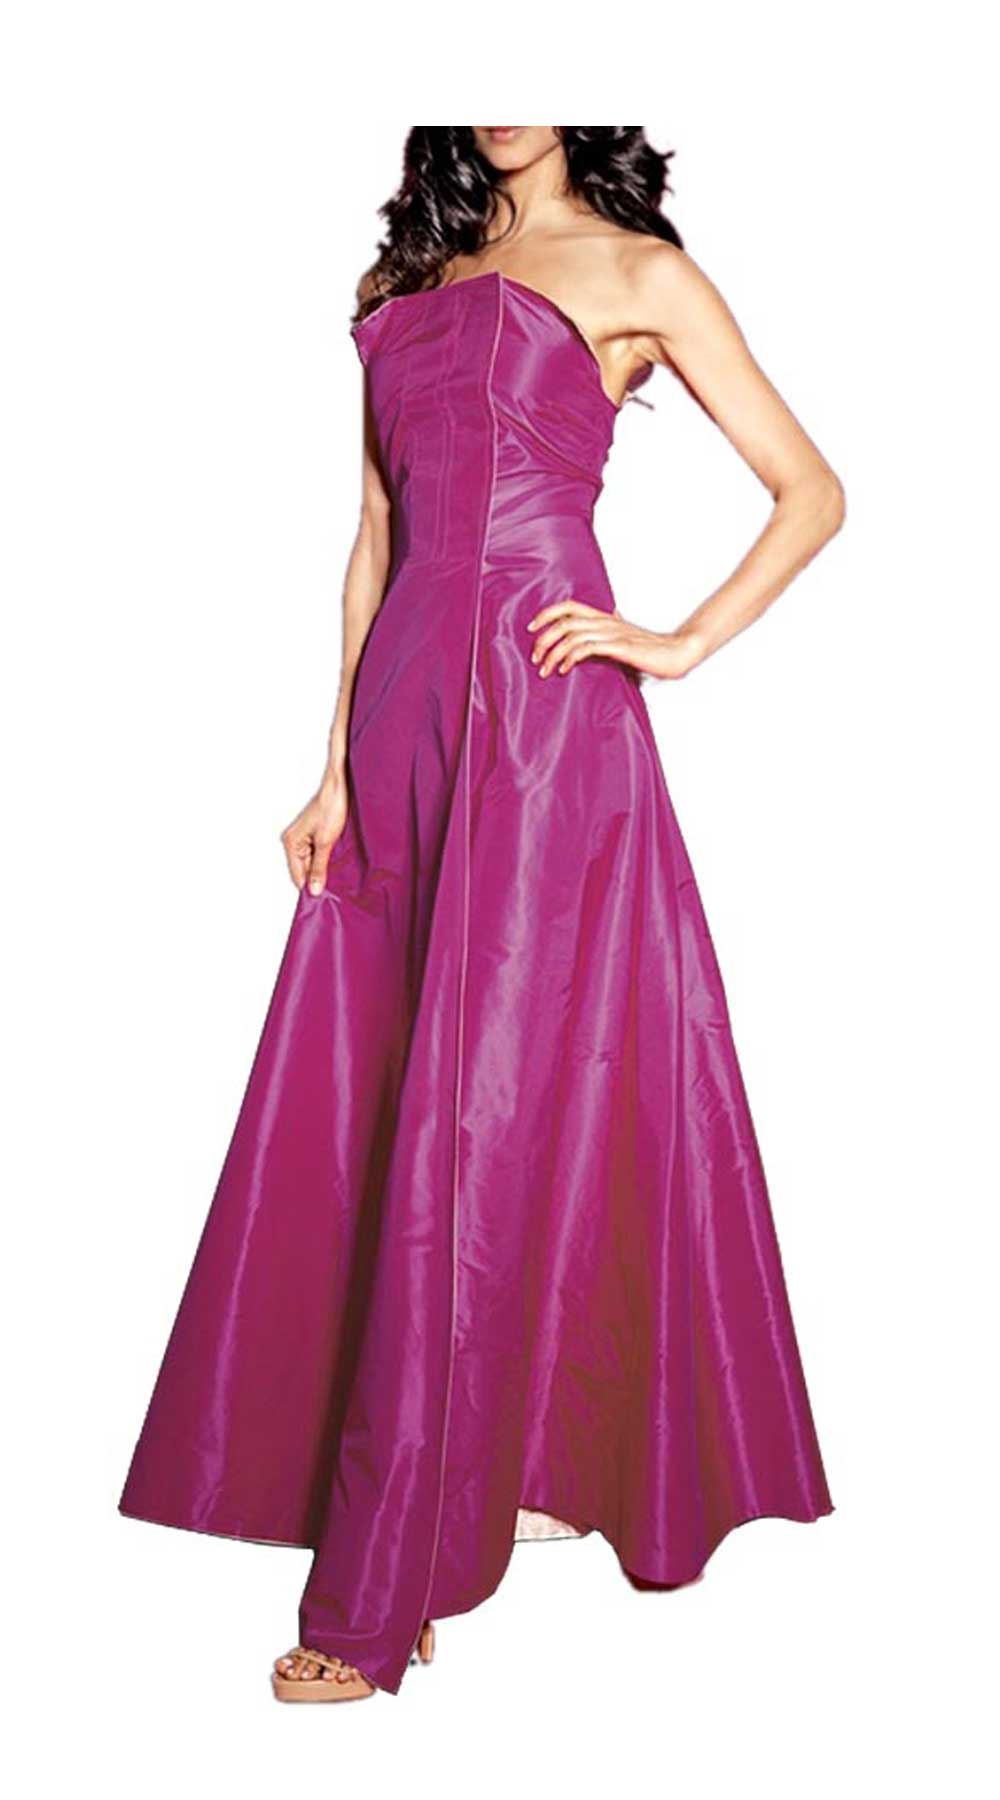 Festmoden Sibilla Pavenstedt for APART Abendkleid lang, apricot-pink 747.267 747.267 Missforty